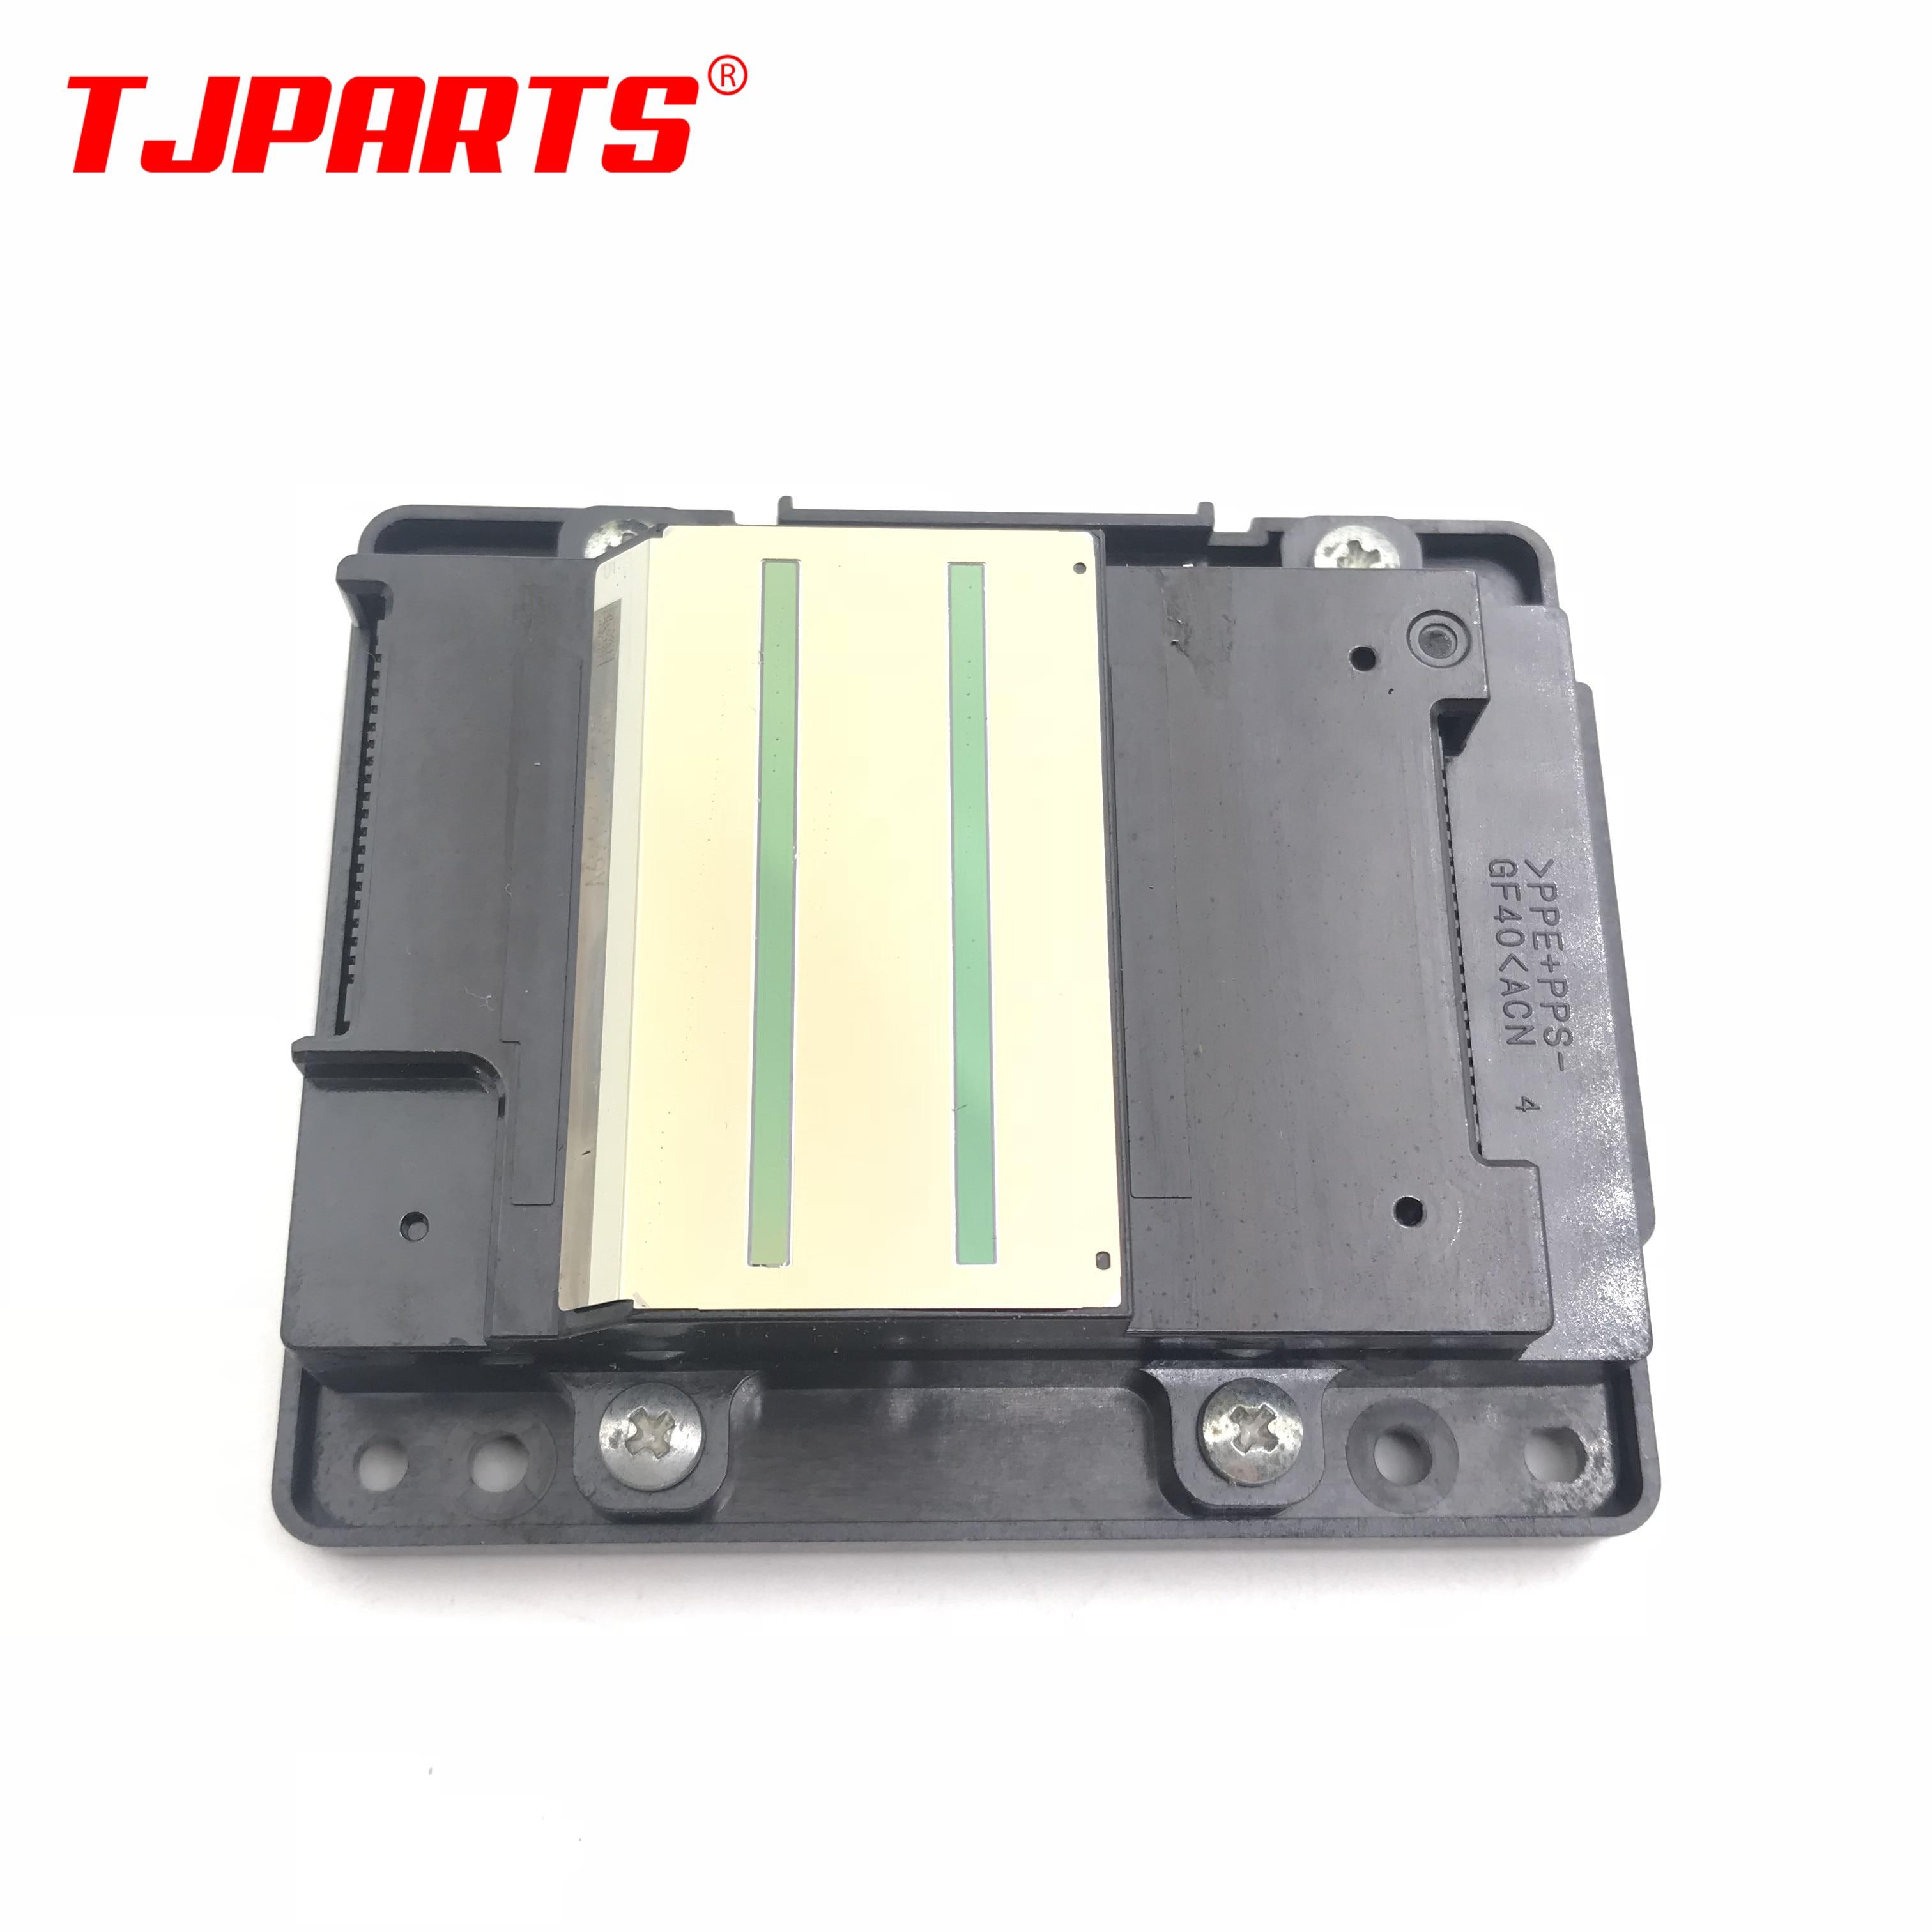 188 T1881 печатающая головка для Epson WF 3620 WF 3621 WF 3640 WF 3641 WF 7110 WF 7111 WF 7610 WF 7611 WF 7620 WF 7621 L1455